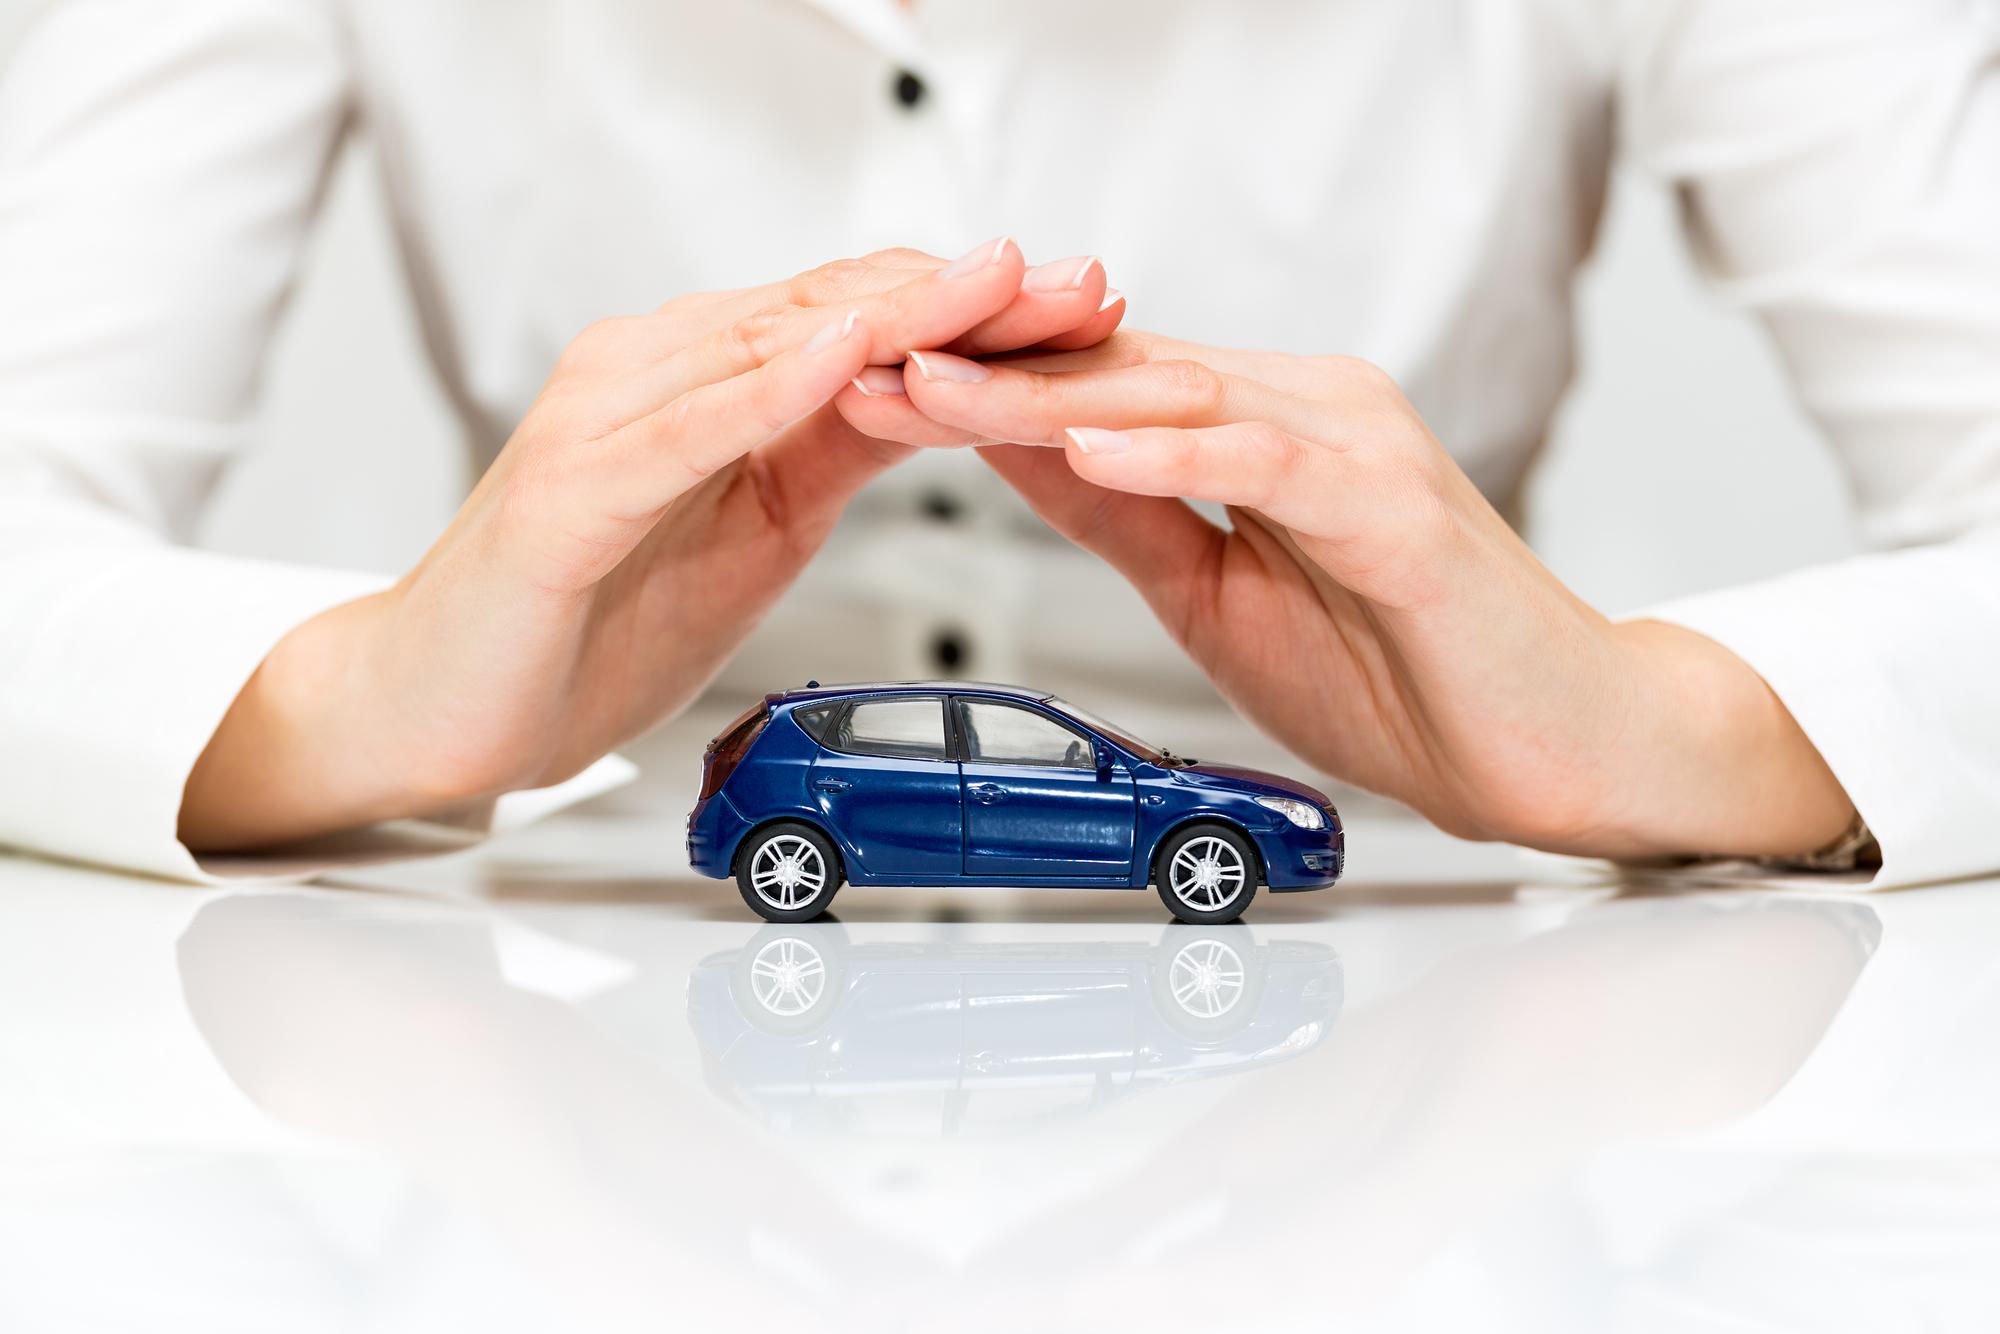 Direitos dos pacientes com câncer: Compra de Veículos